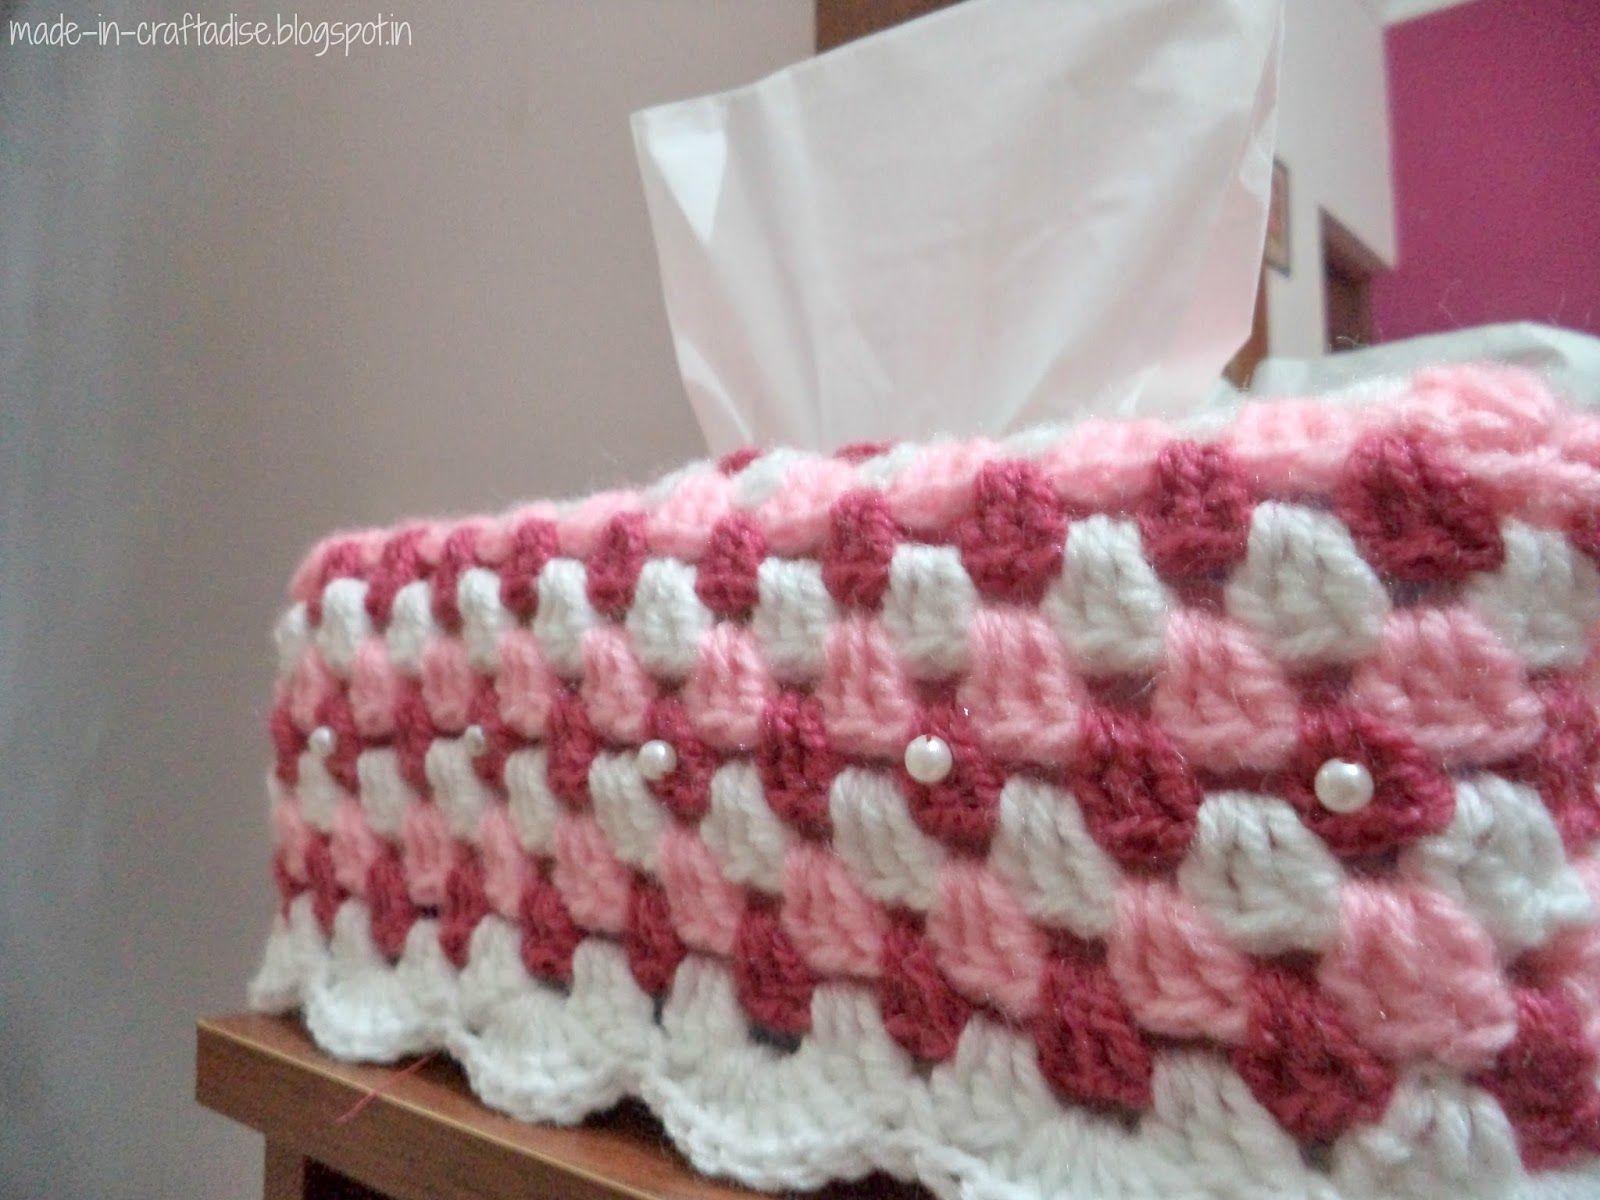 Crochet Kleenex box | Crochet: For The Home | Pinterest